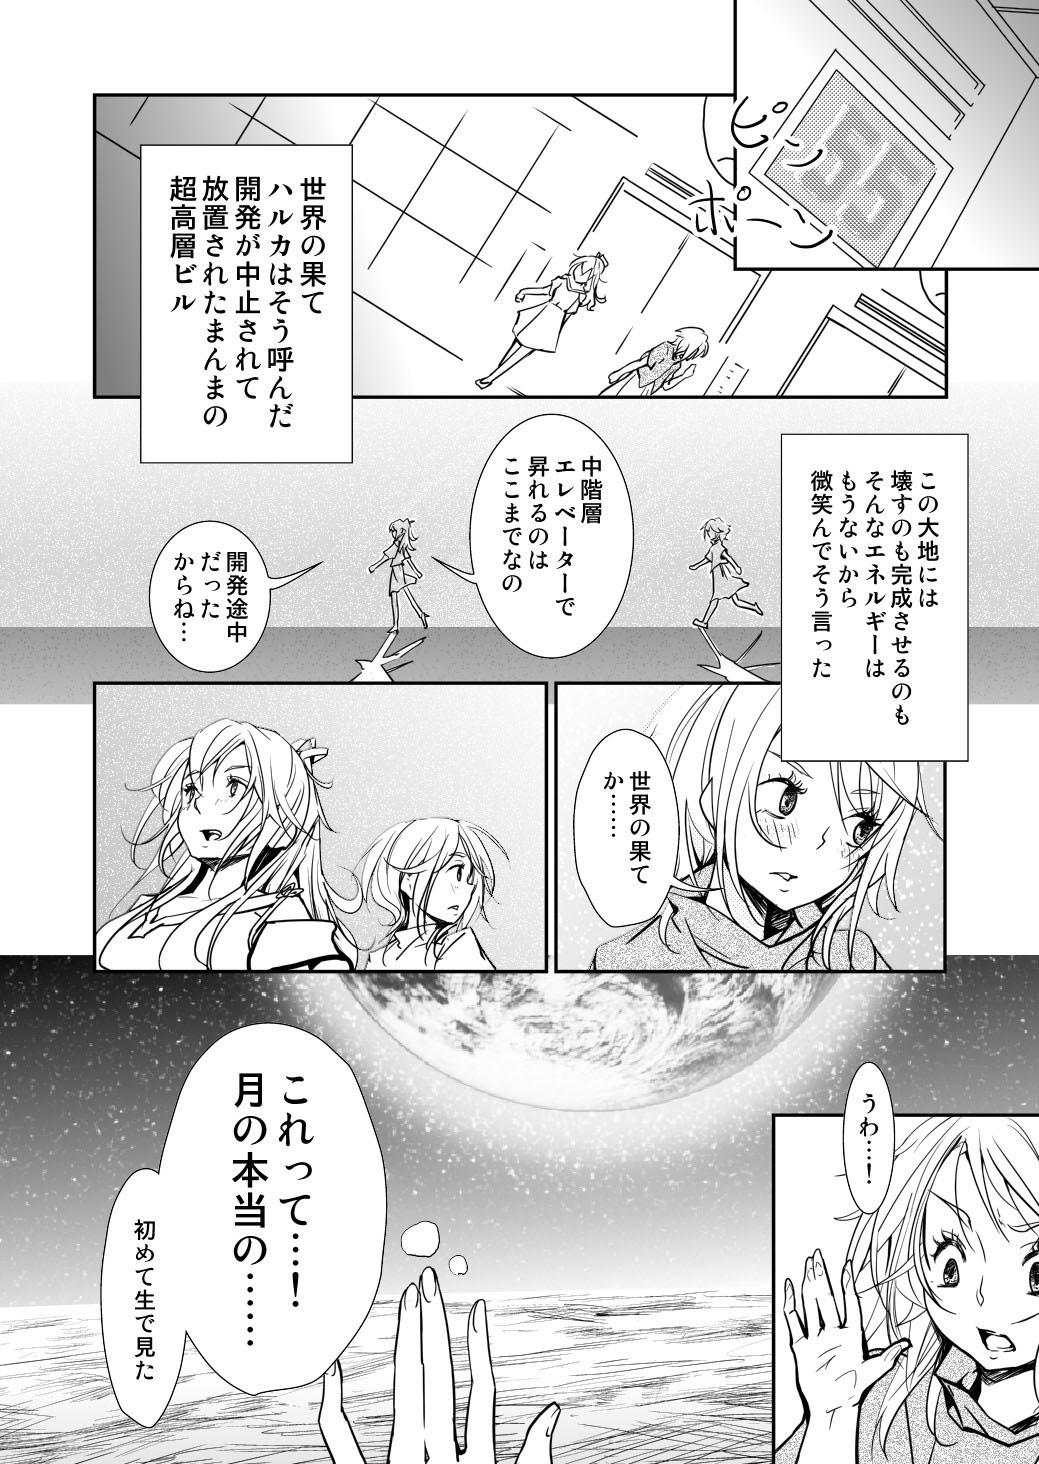 Yakusoku no Sora to Kimigaita Basho 1 ~ 2 15